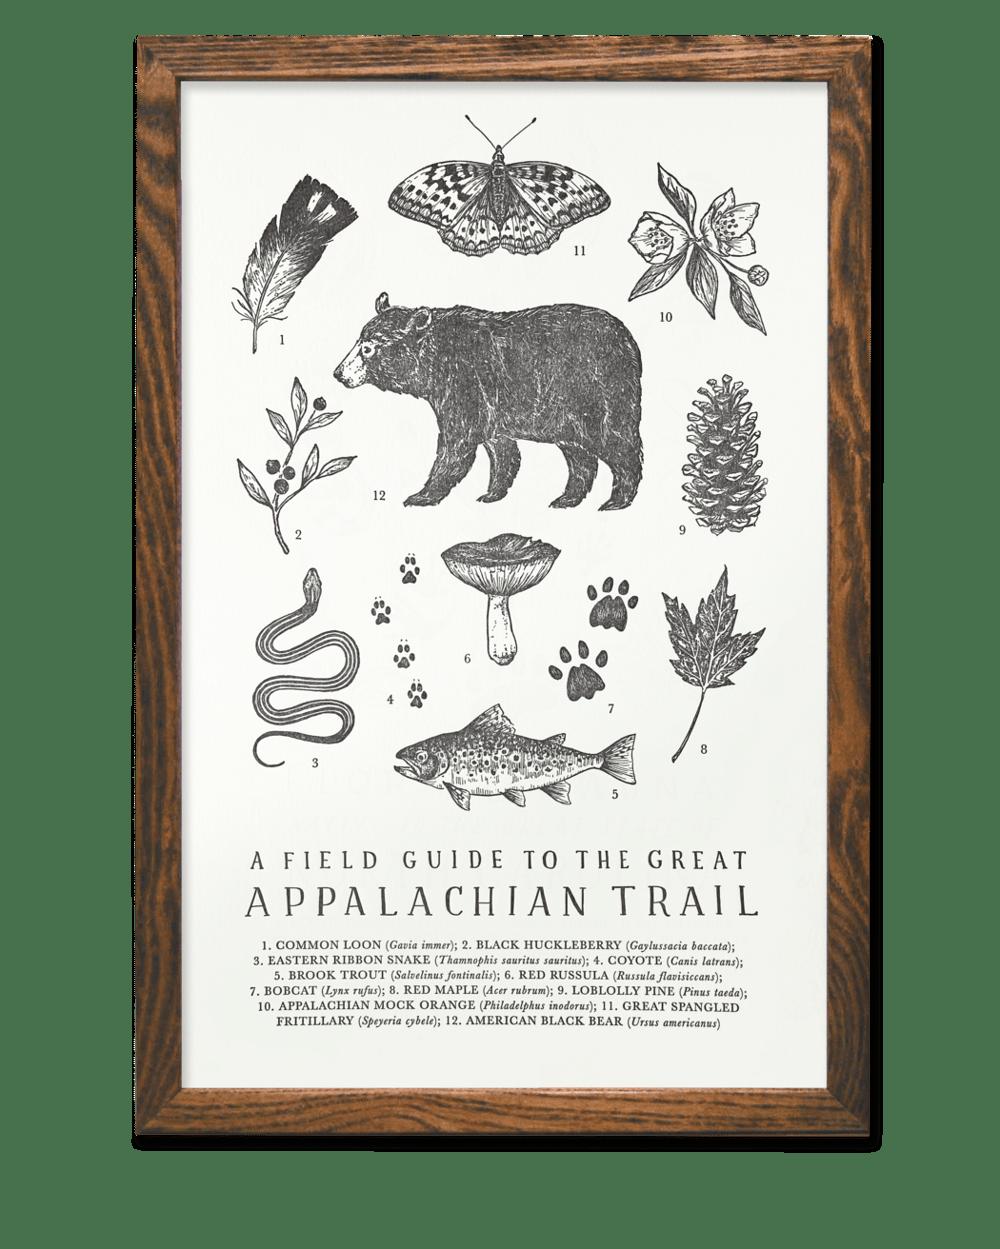 Image of Appalachian Trail Field Guide Letterpress Print by The Wild Wander